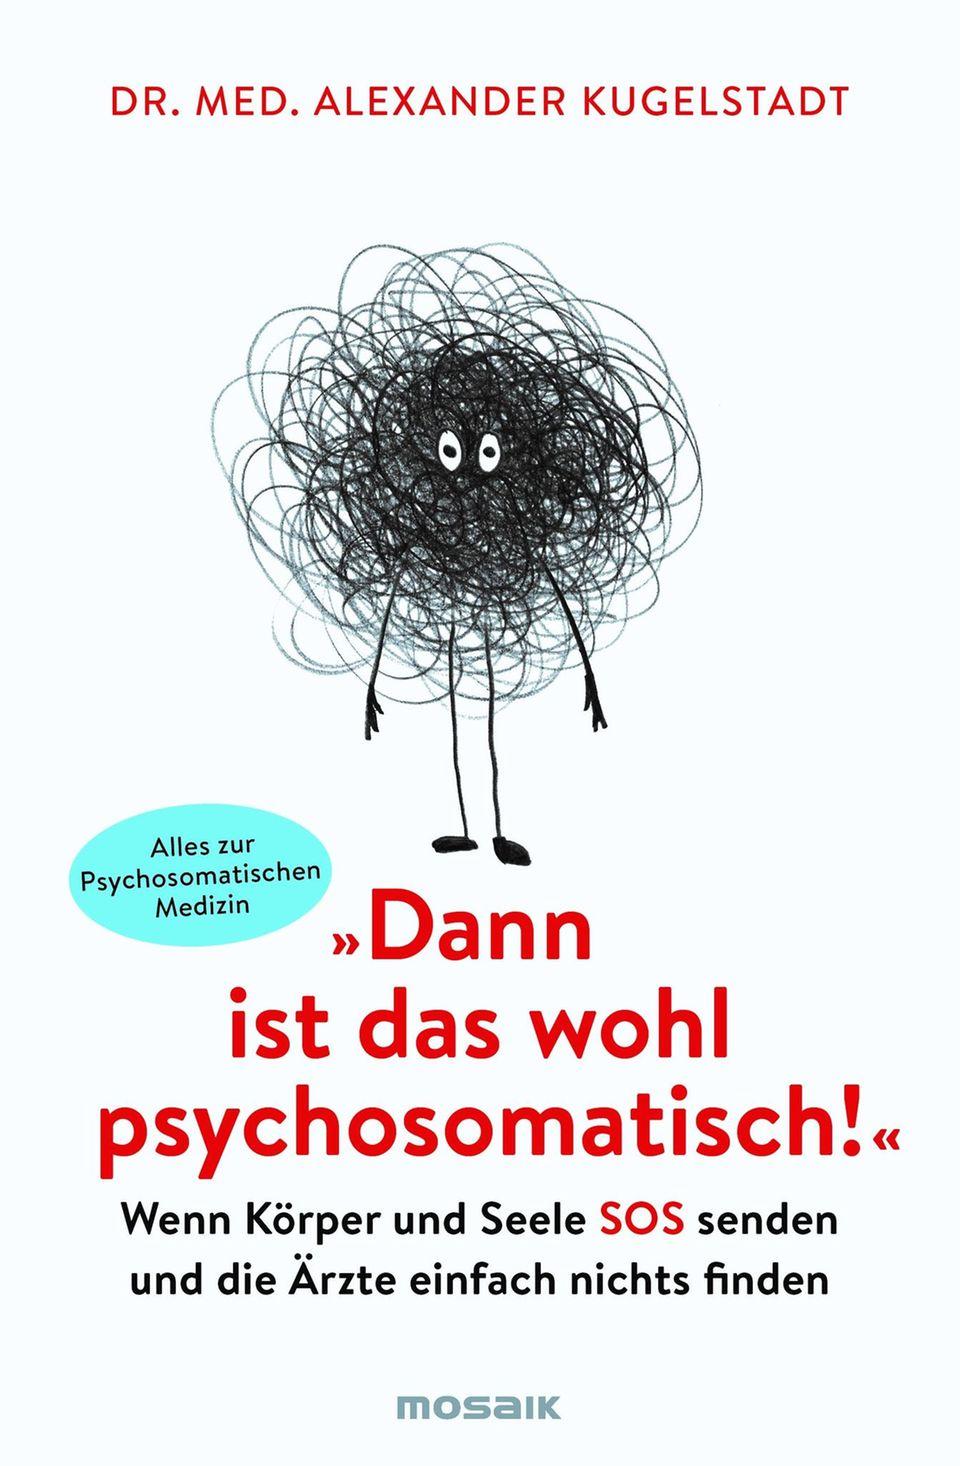 """Zum Weiterlesen:""""Dann ist das wohl psychosomatisch! Wenn Körper und Seele SOS senden und die Ärzte einfach nichts finden"""" von Dr.med. Alexander Kugelstadt. Erschienen im Mosaik Verlag. 397Seiten. 16 Euro."""